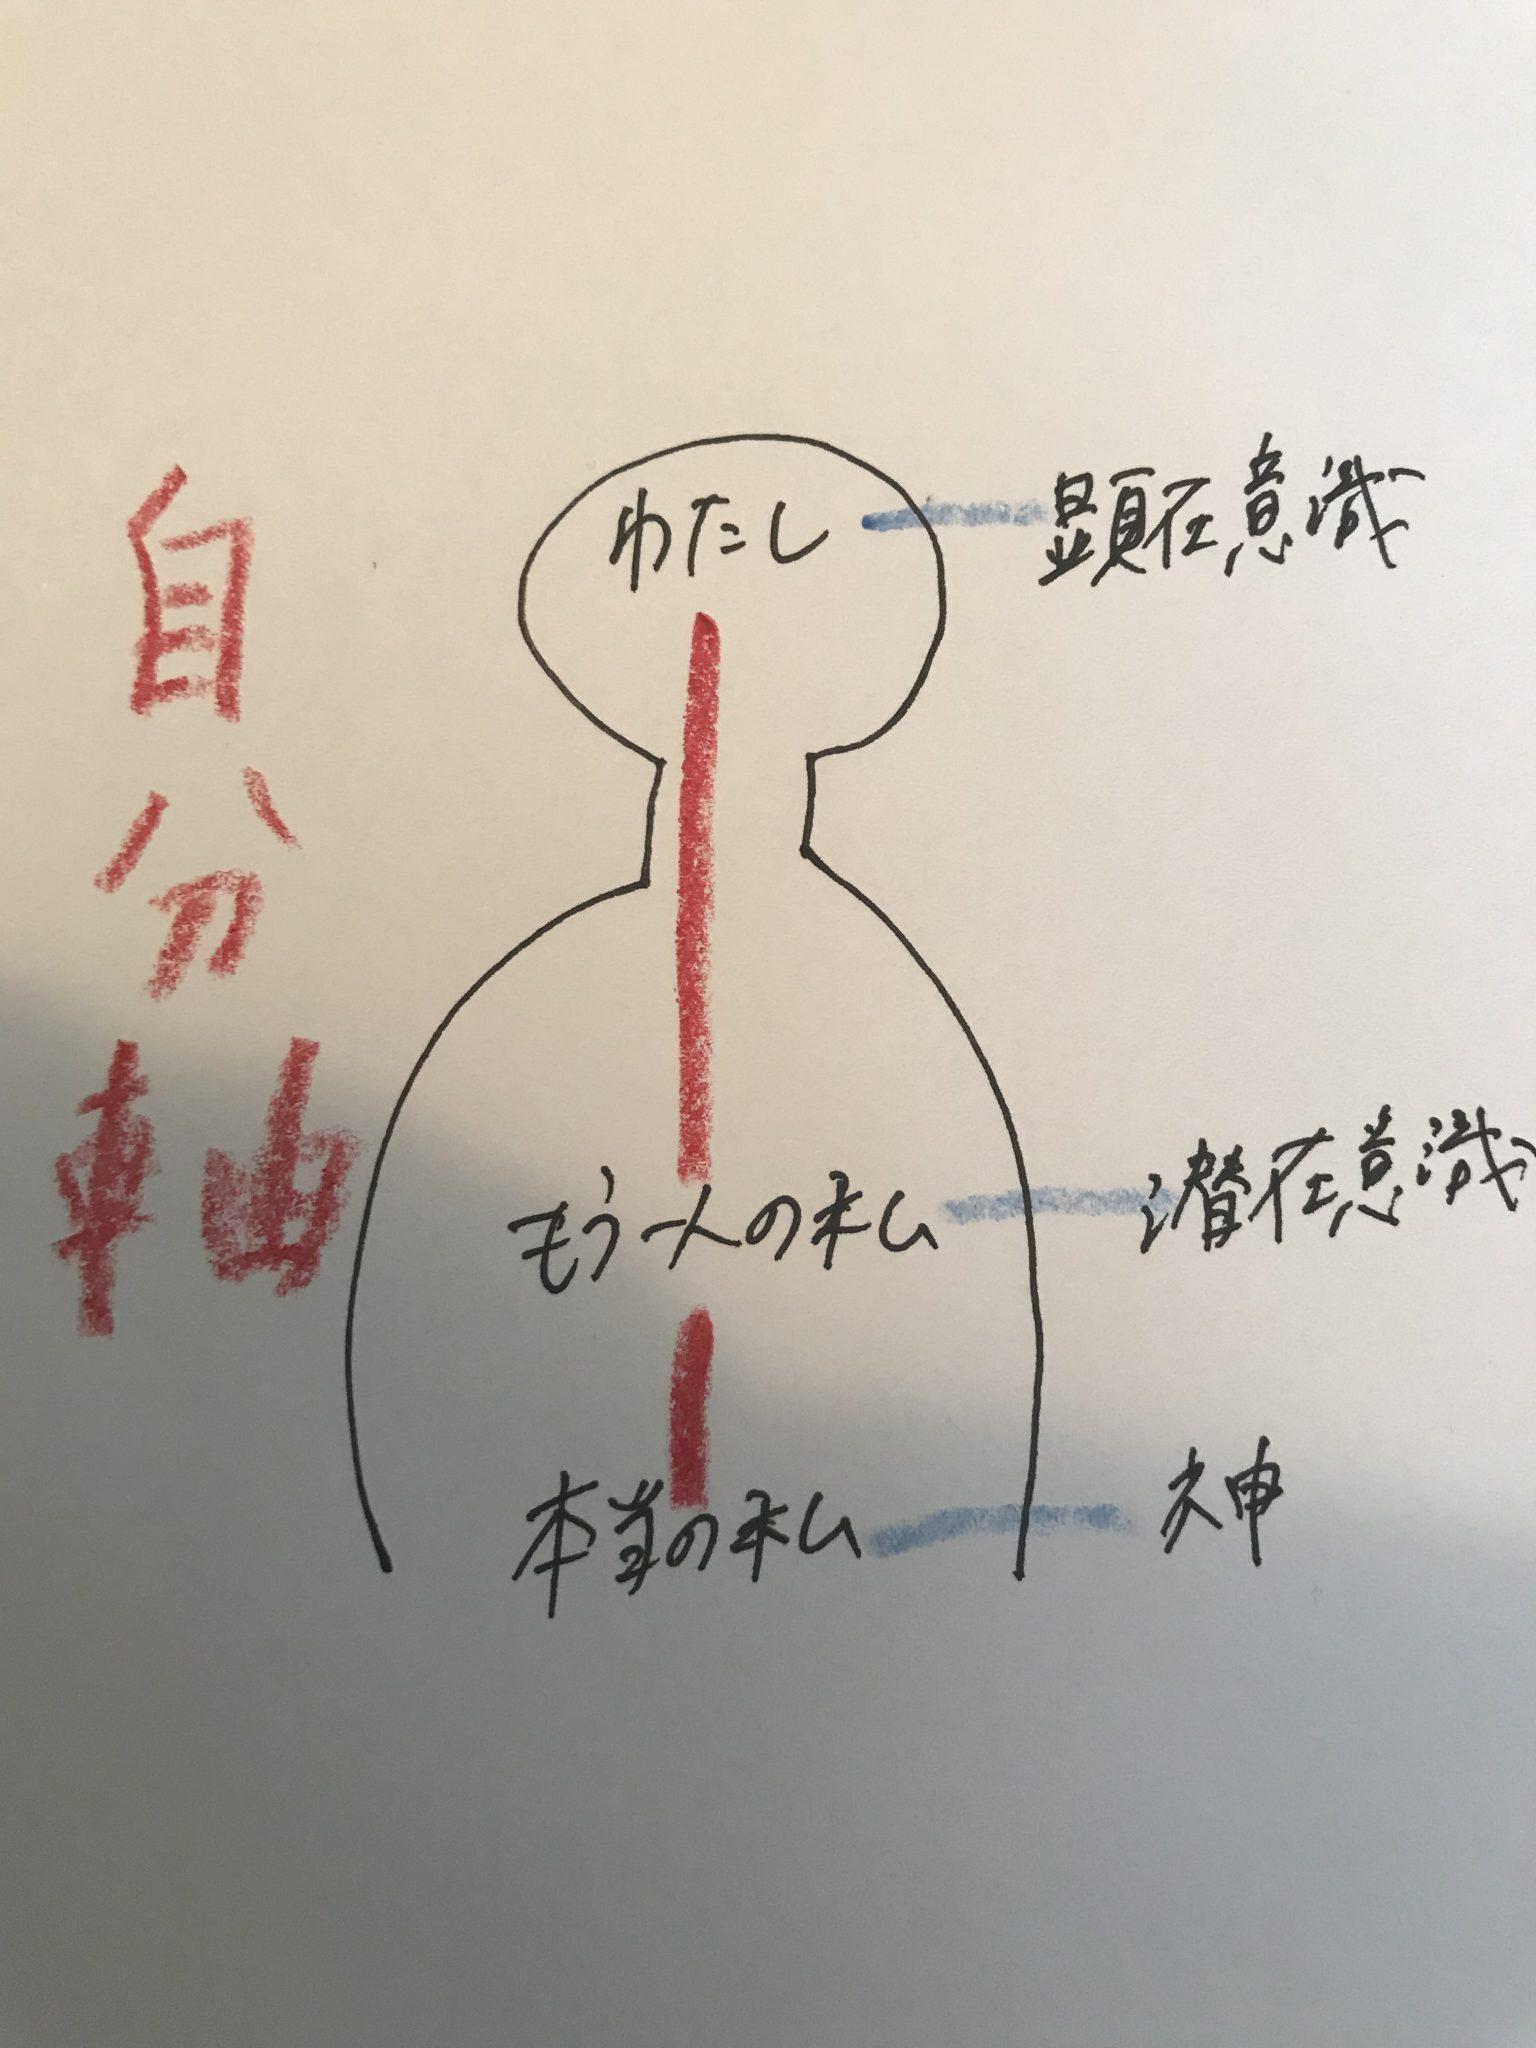 【私のマインドメンテナンス法】幸せな人生の自動操縦機